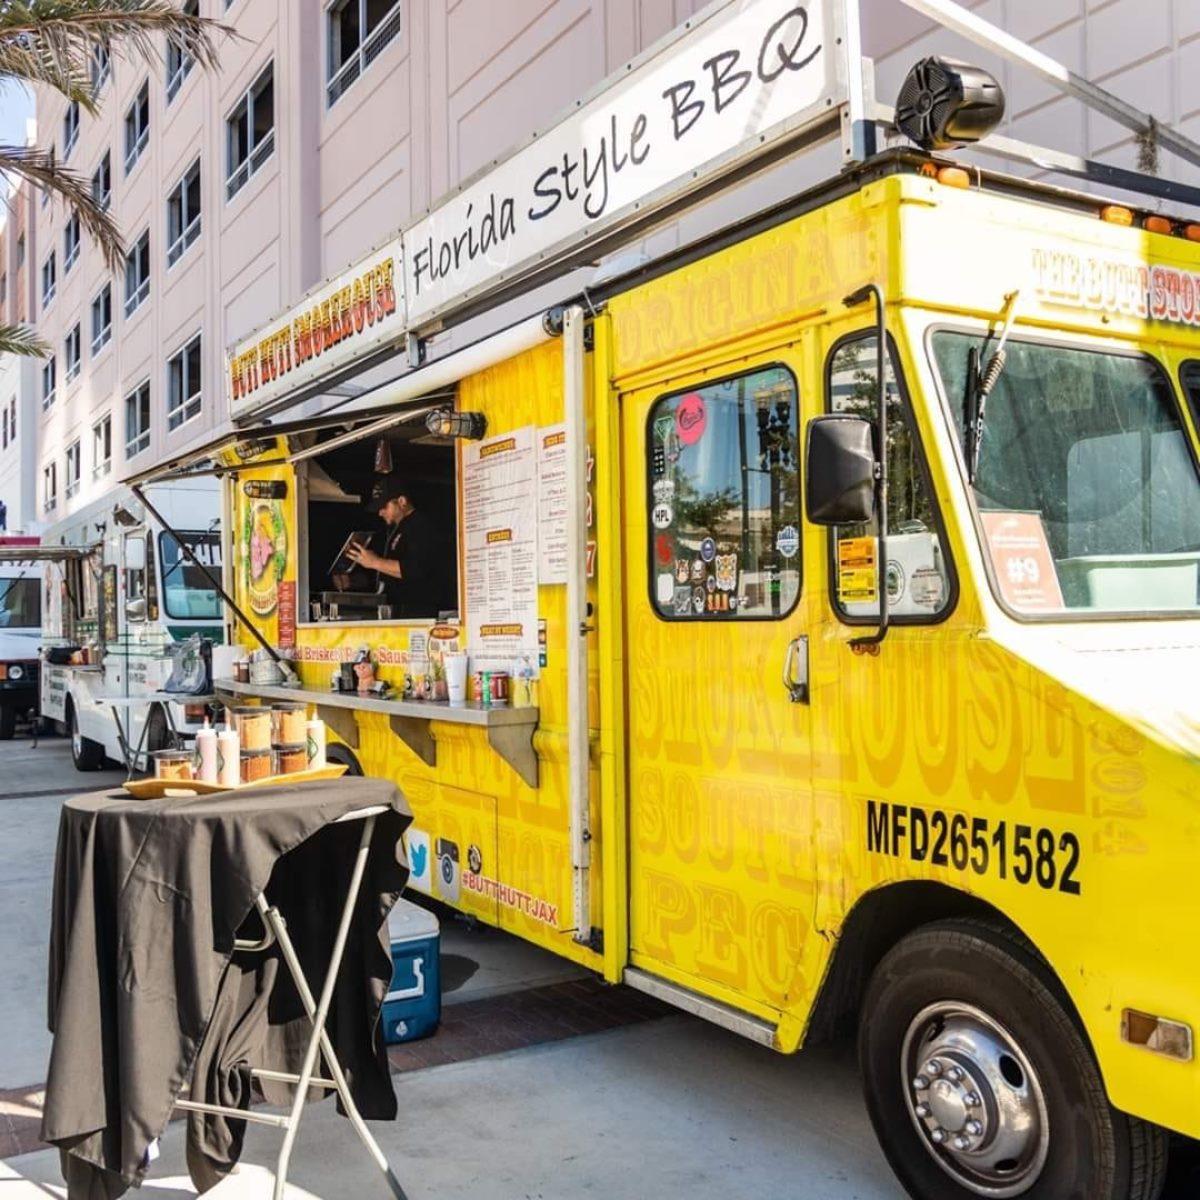 The Butt Hutt Smokehouse Food Truck